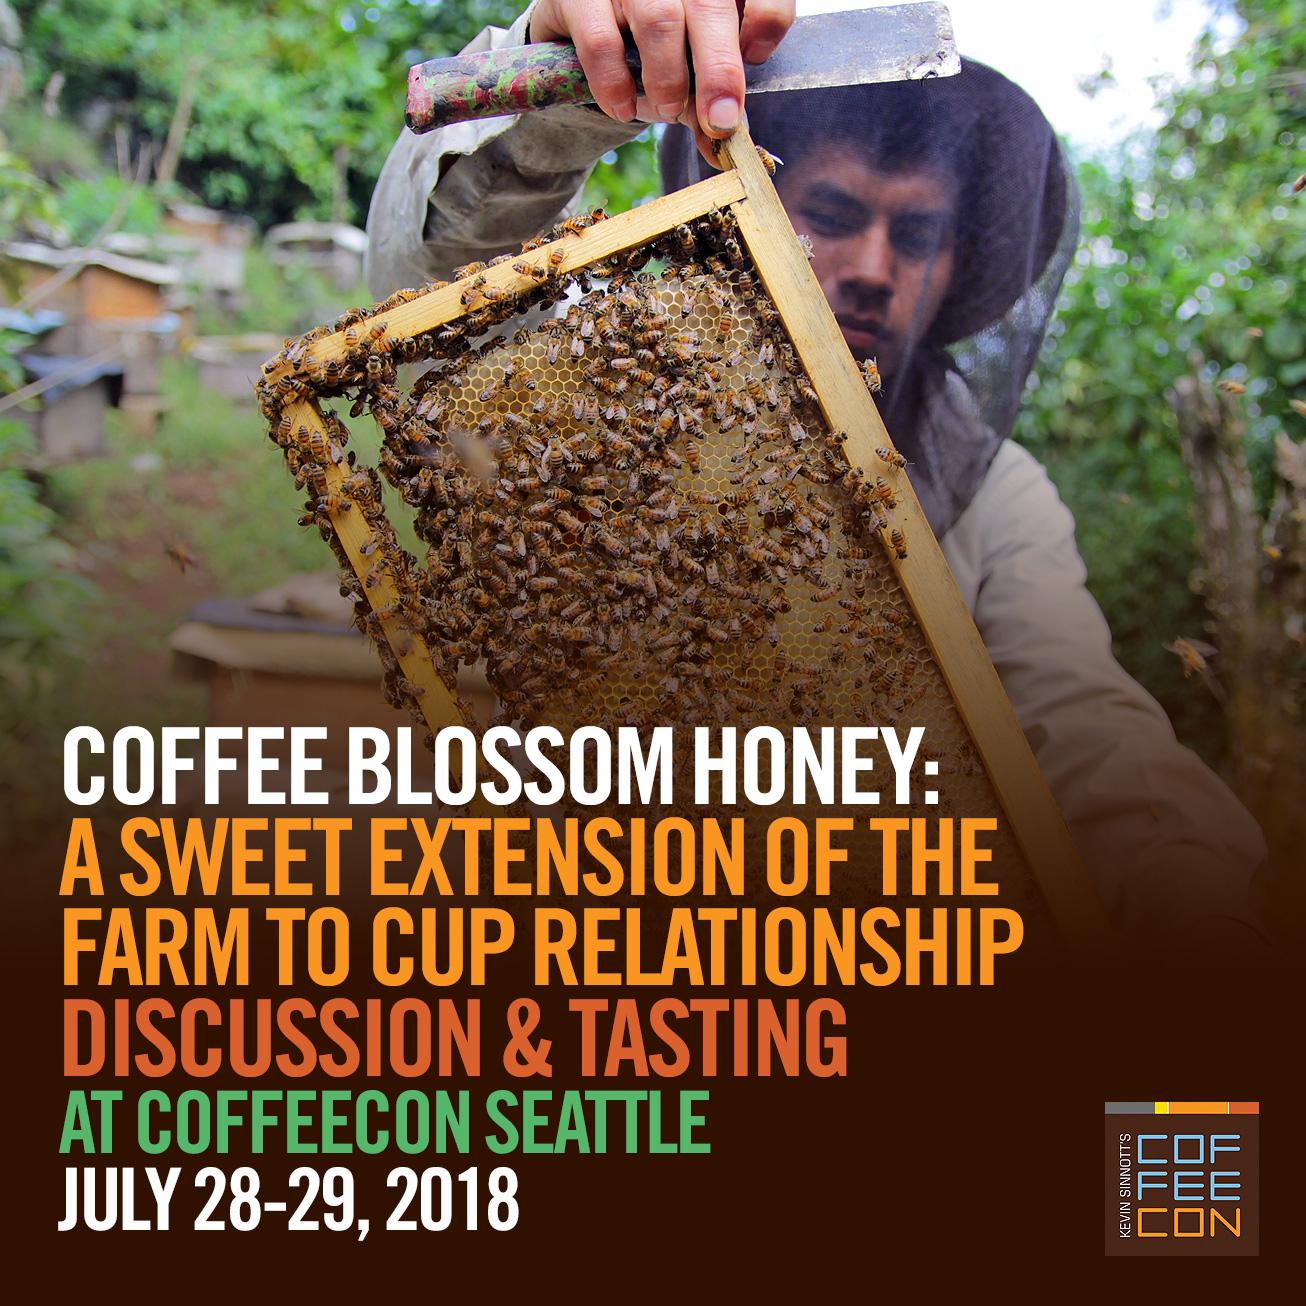 Coffee Blossom Honey